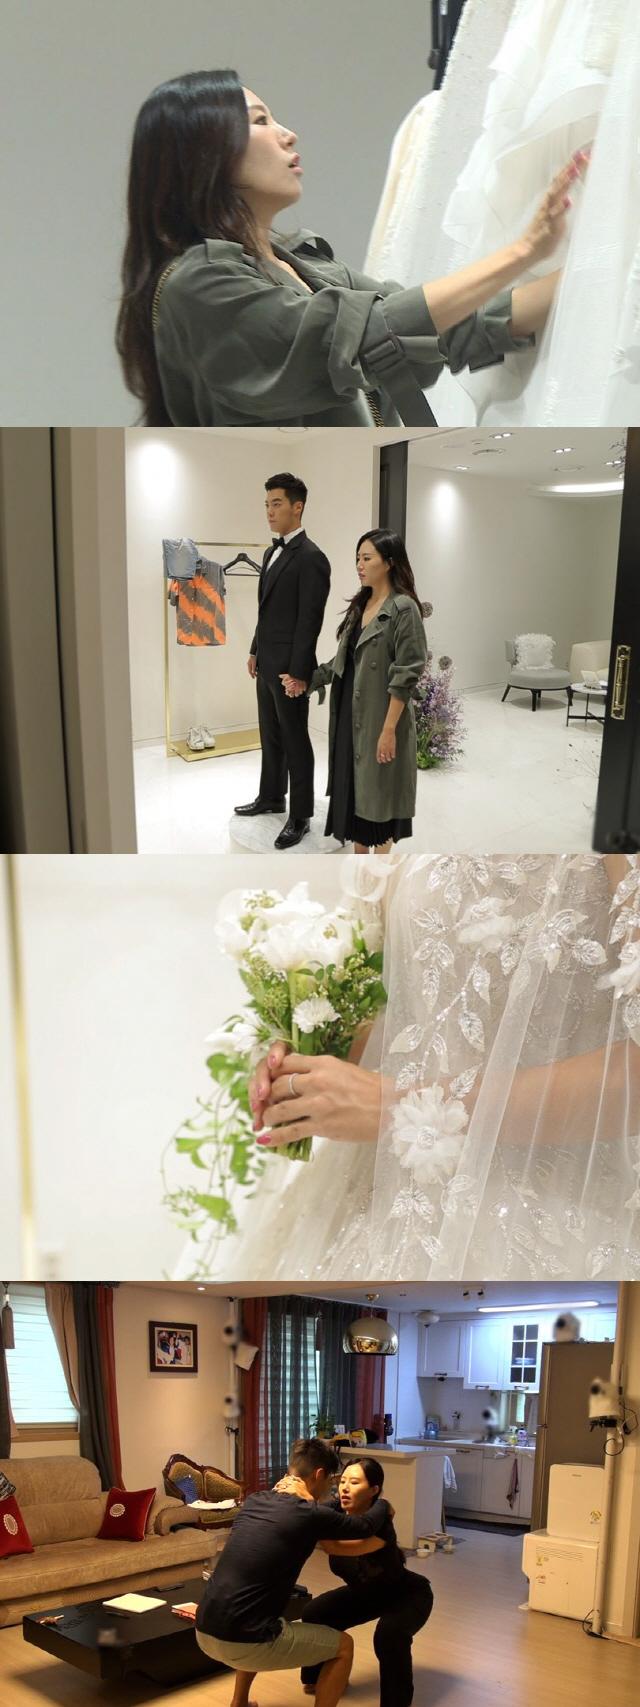 '너는 내 운명' 강남♥이상화, 웨딩드레스 숍 방문기..극과 극 드레스 취향